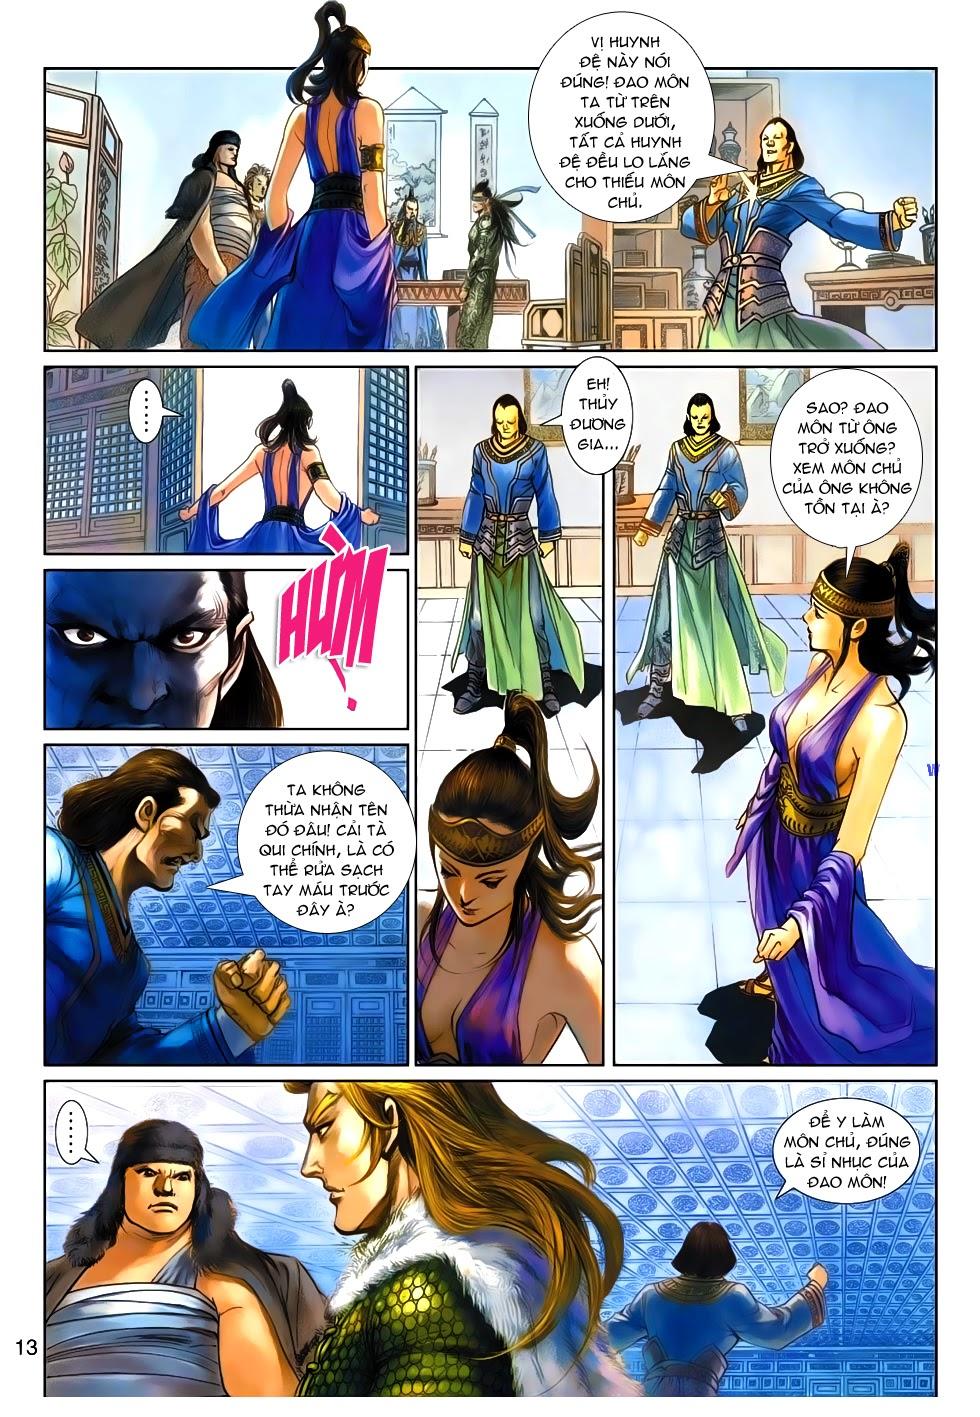 Thần Binh Tiền Truyện 4 - Huyền Thiên Tà Đế chap 9 - Trang 13